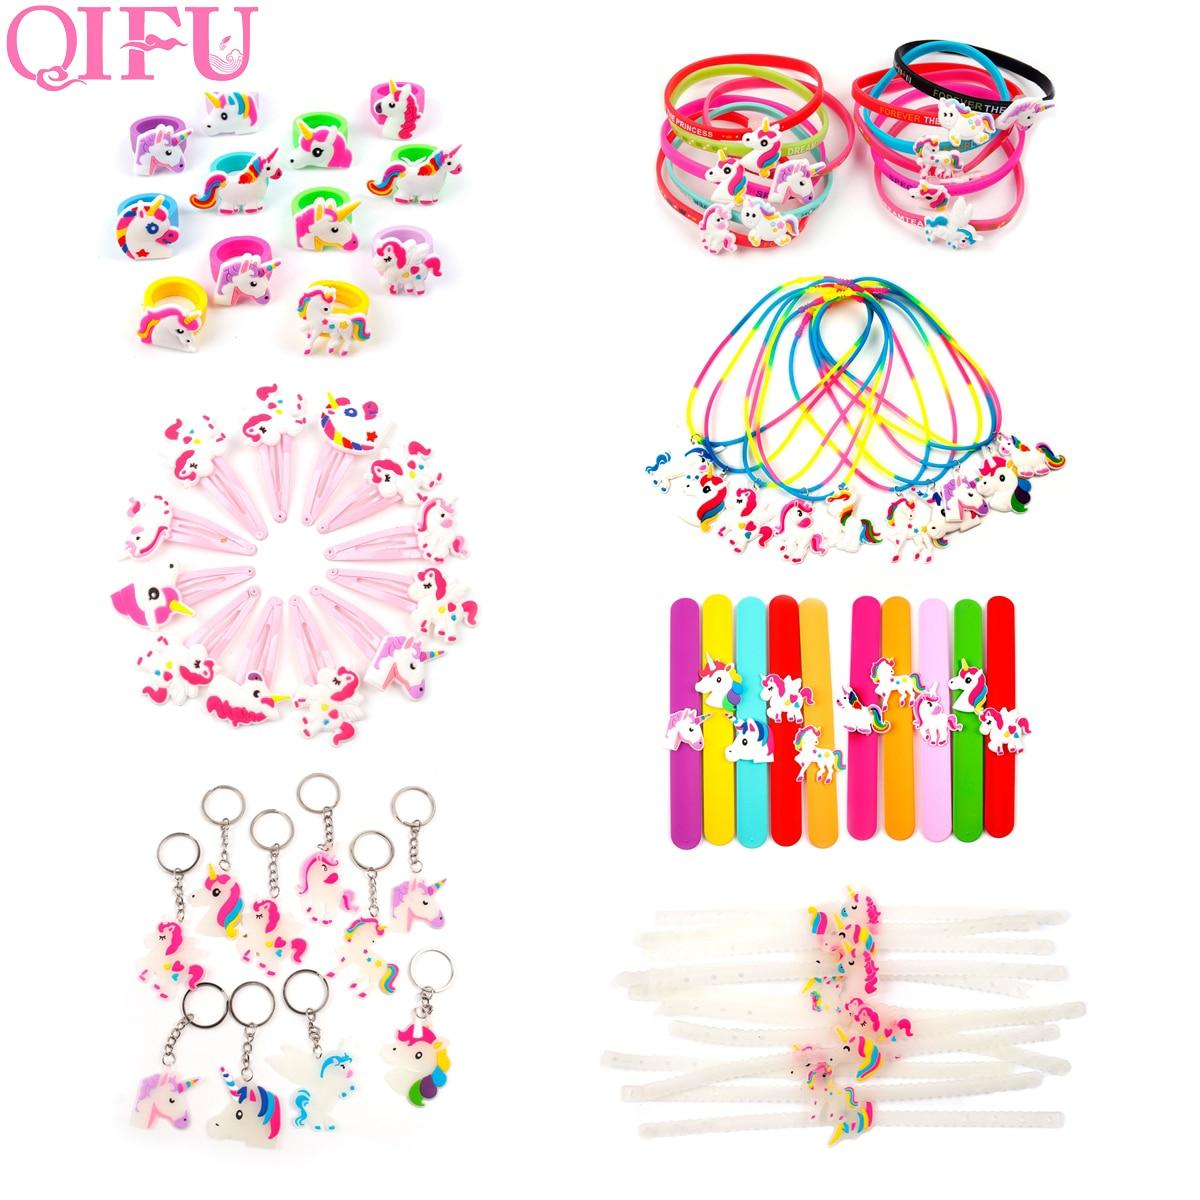 Qifu unicórnio tema festa decoração unicórnio fontes de festa unicórnio aniversário deco crianças anel chaveiro presentes licorne aniversário